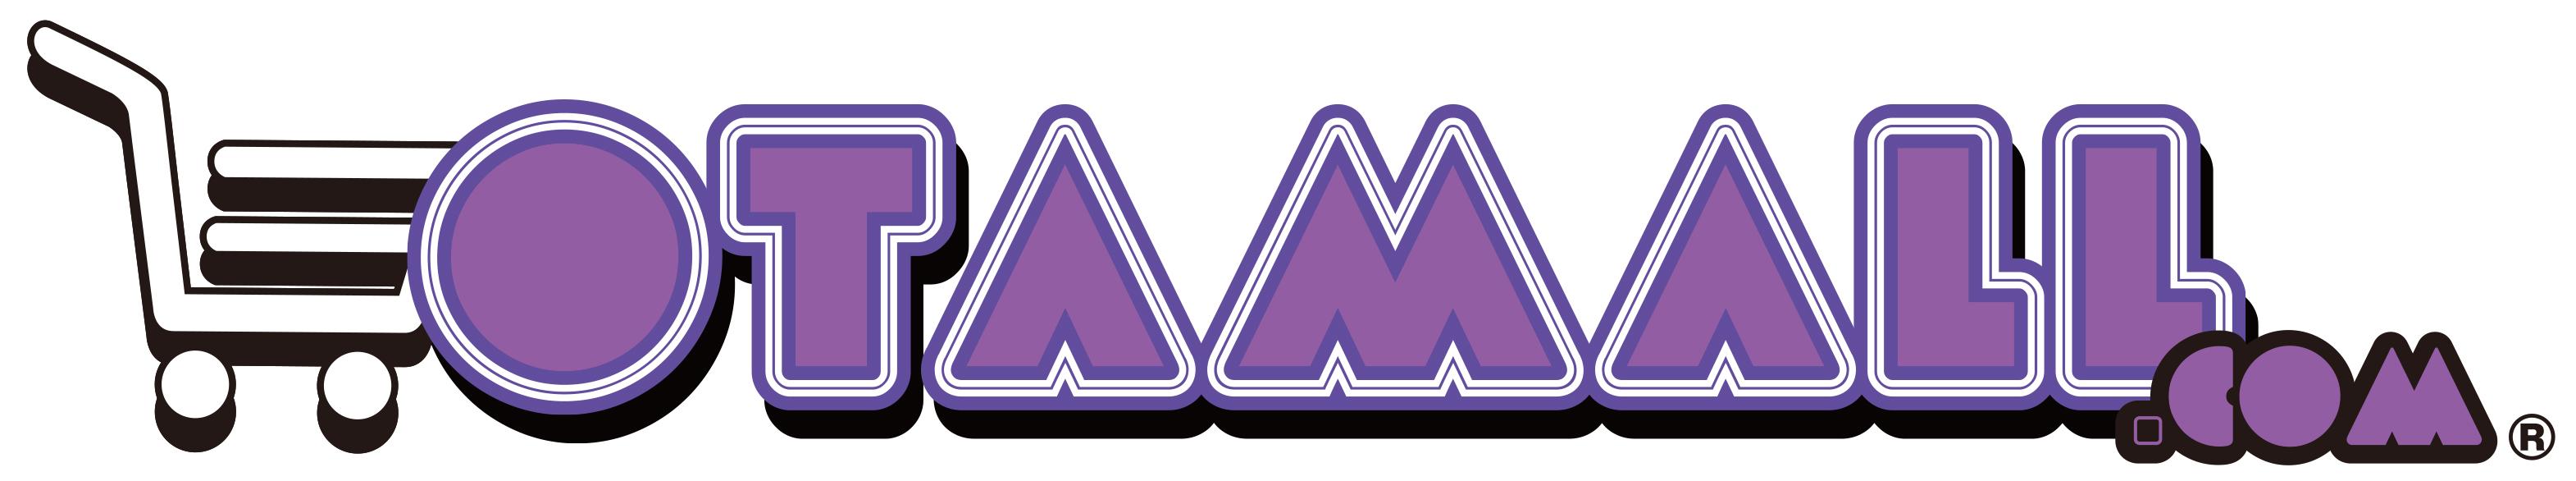 OTAMALL(オタモール)